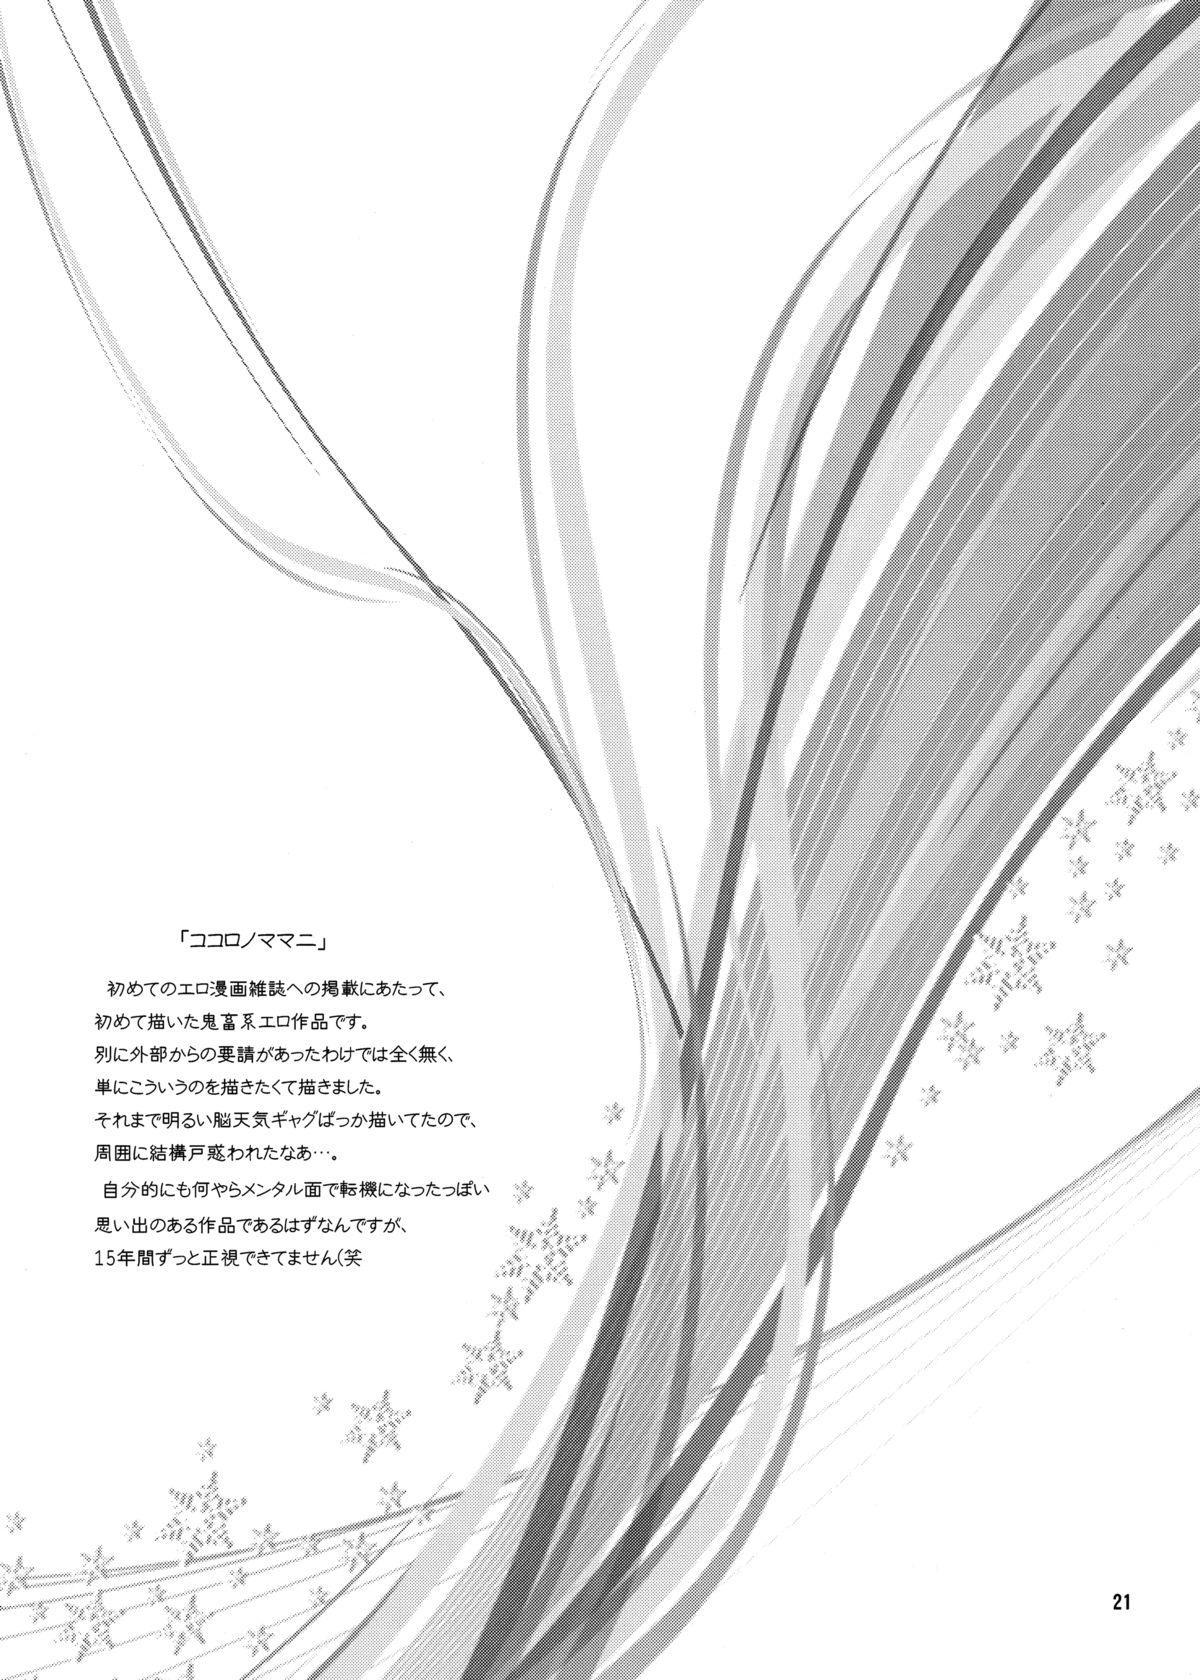 ココロノママニ 厩戸王子商業作品再録本 19